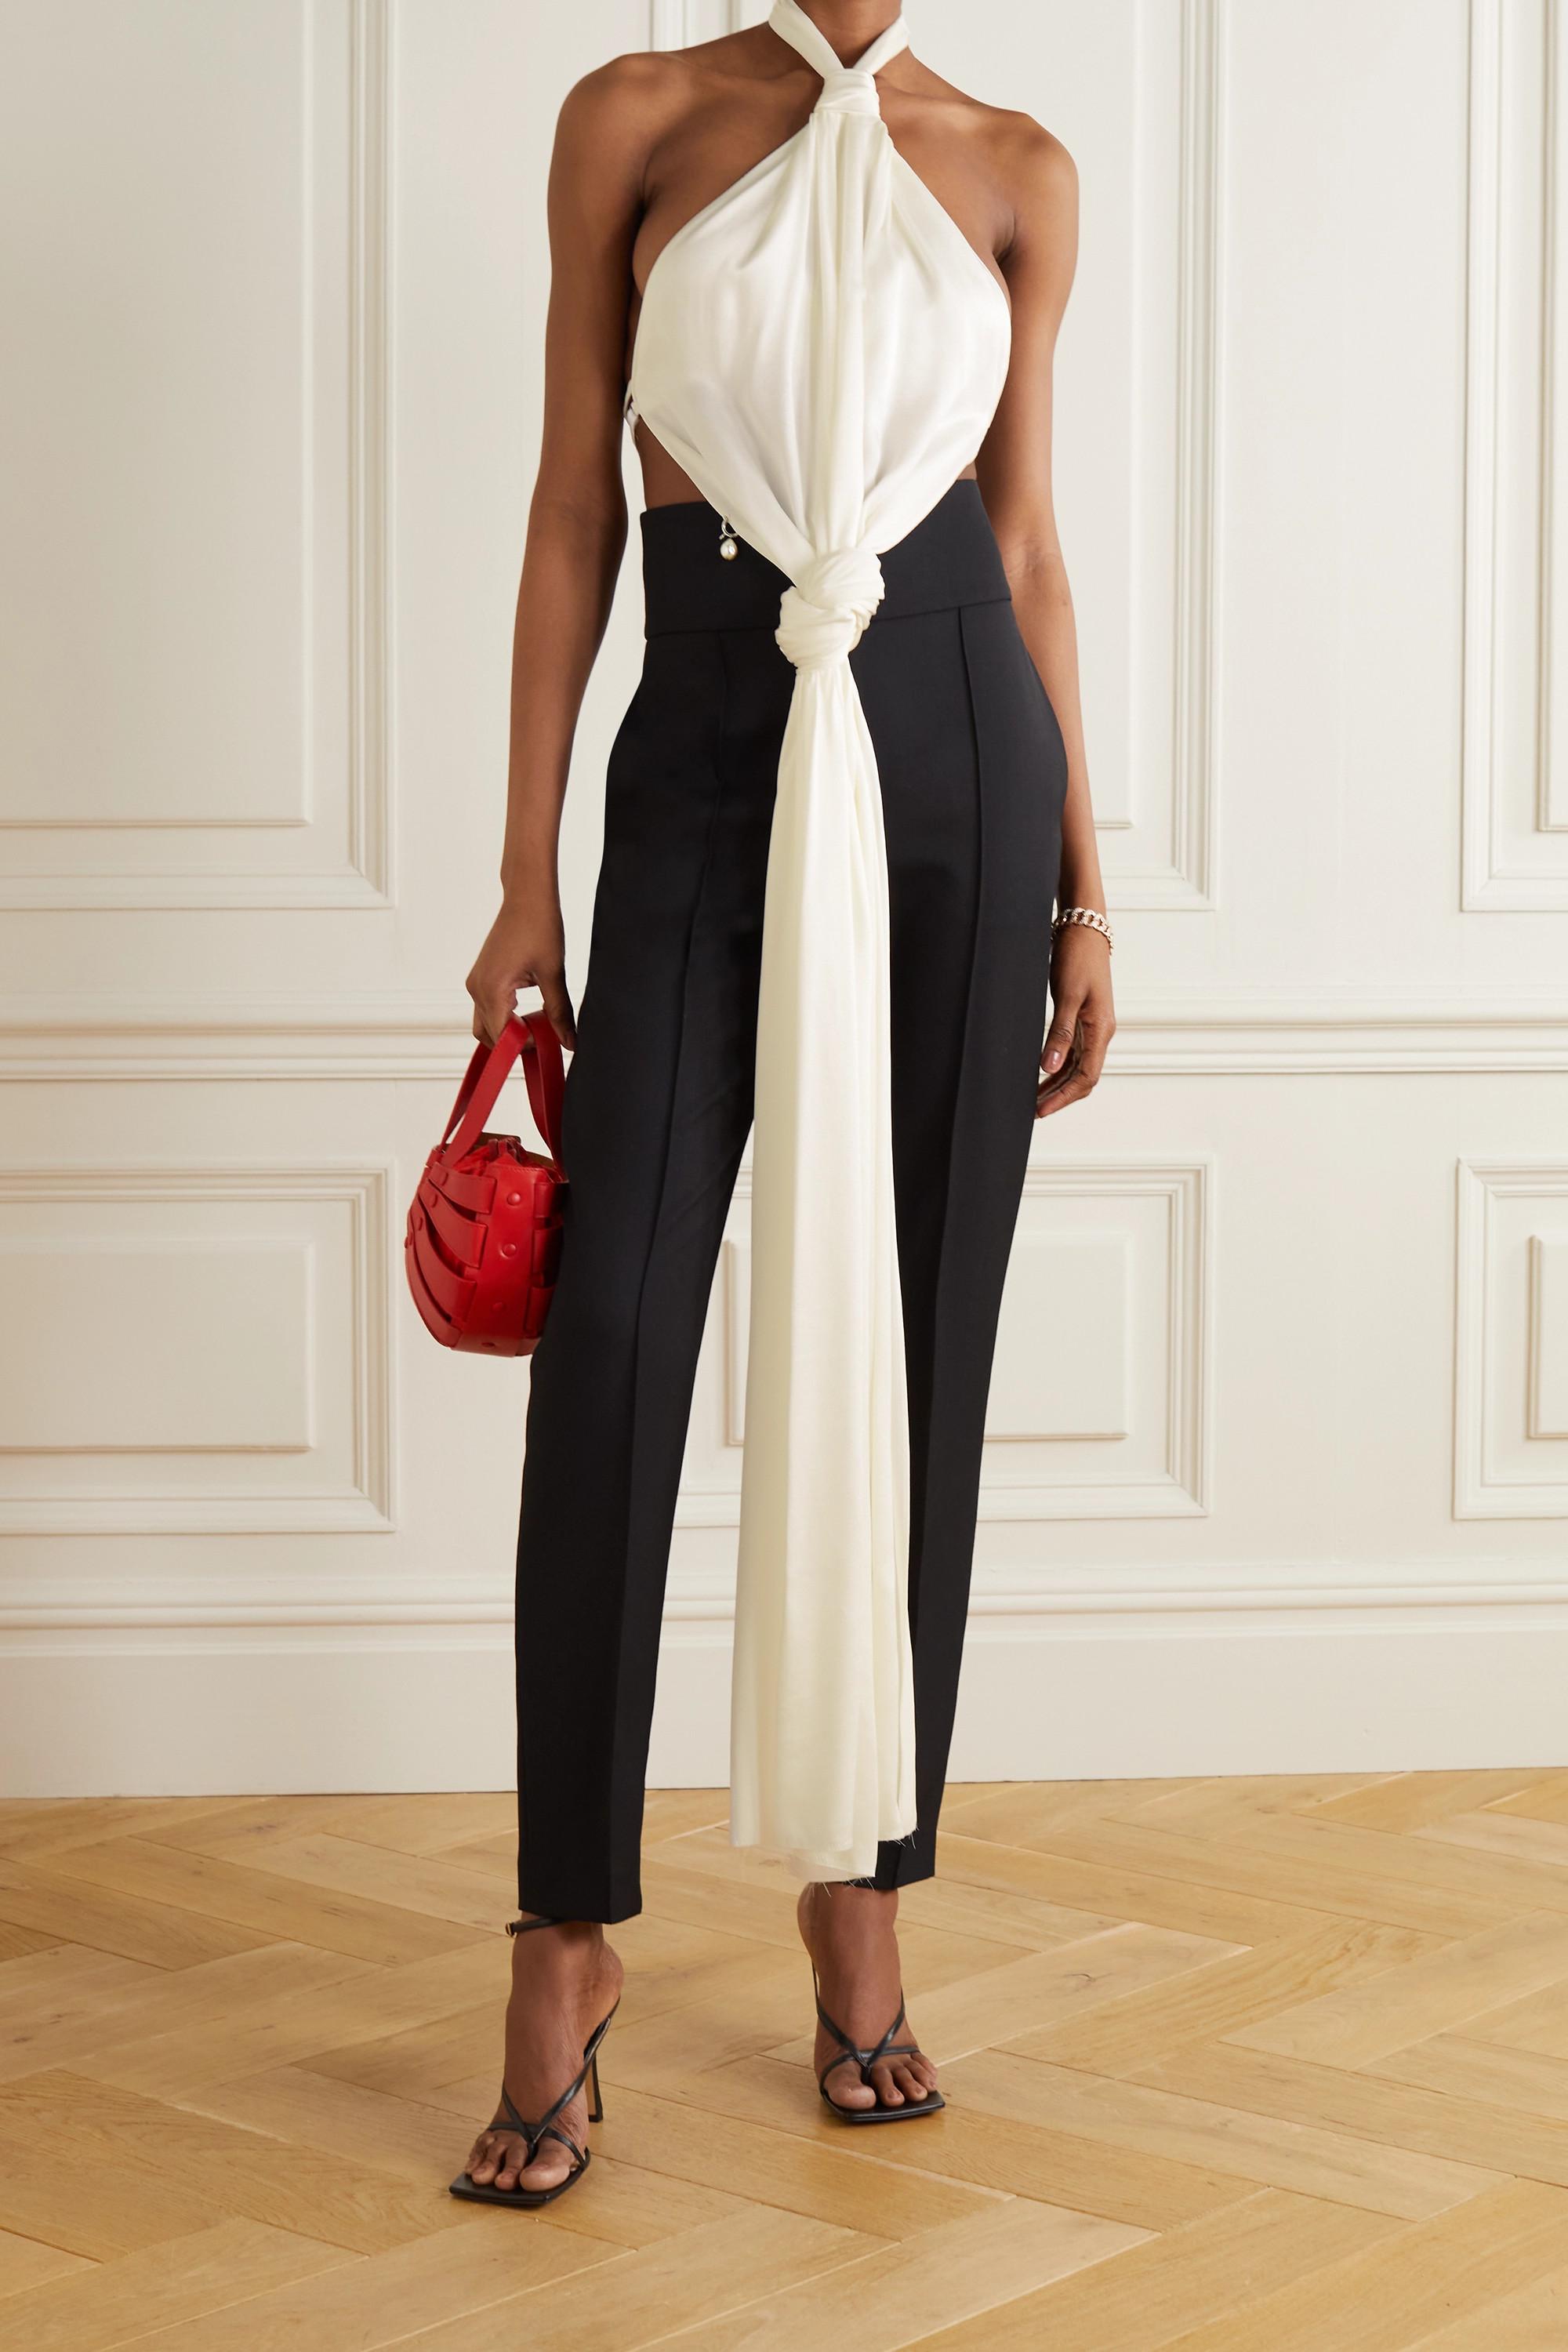 Givenchy Haut dos nu noué sur le devant en crêpe